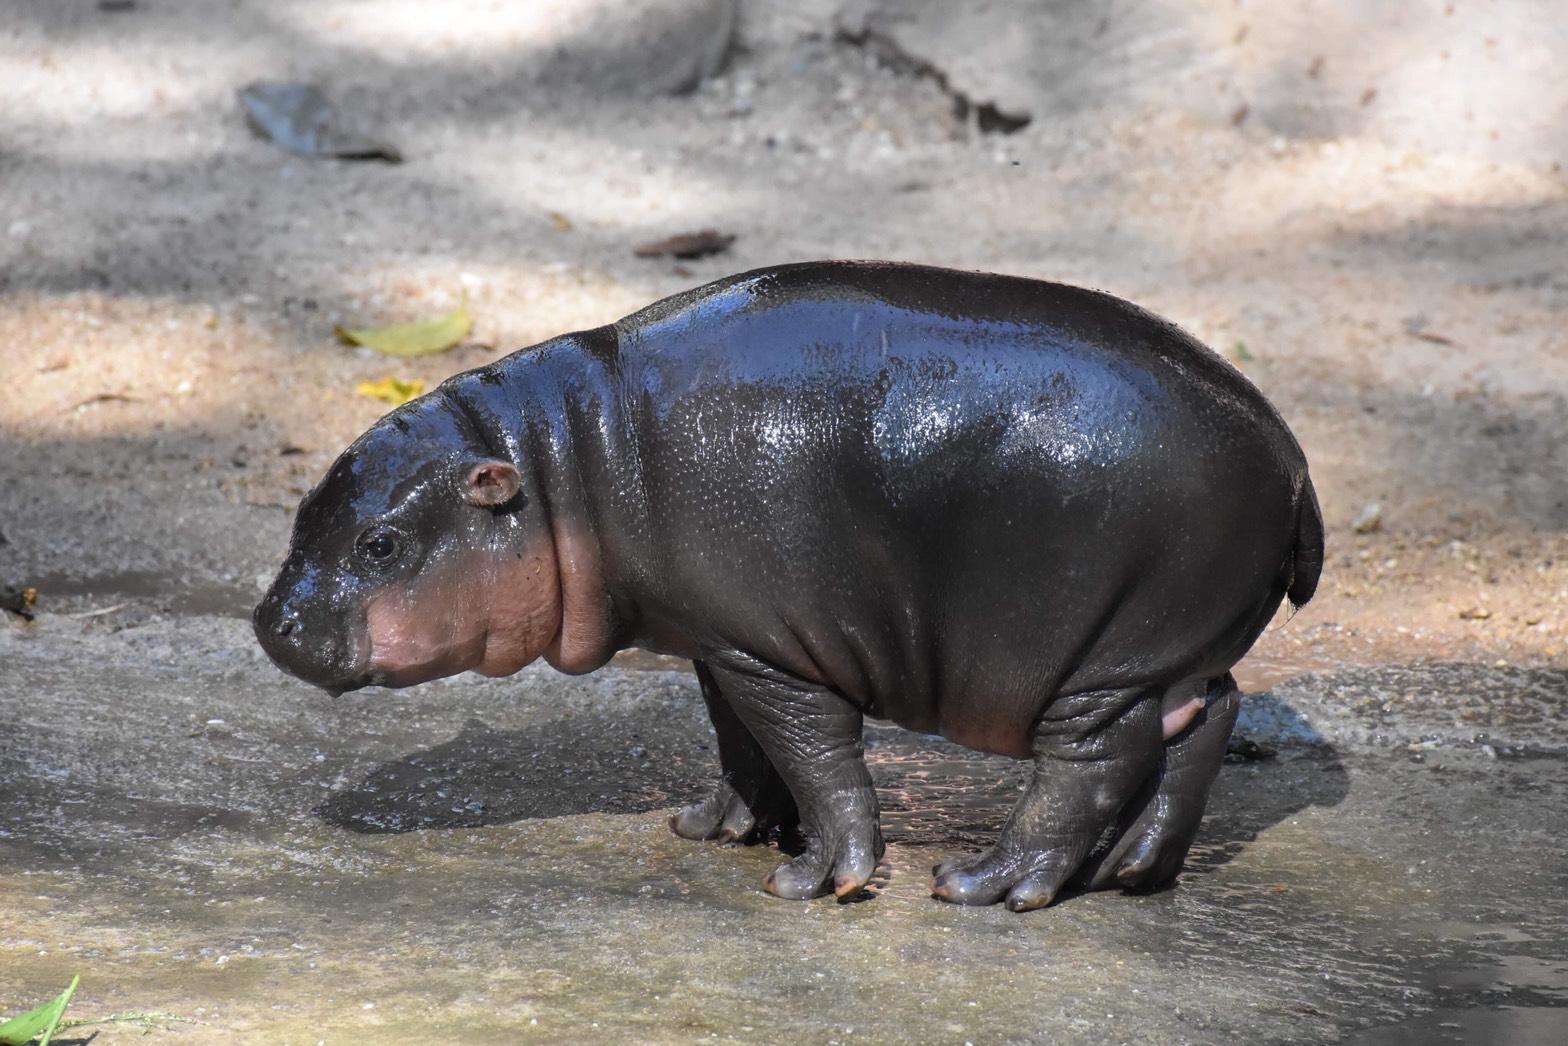 สวนสัตว์เขาเขียวเผยโฉม 'ลูกฮิปโปแคระ' เพศผู้ 1 เดือน ชวนตั้งชื่อชิงรางวัล